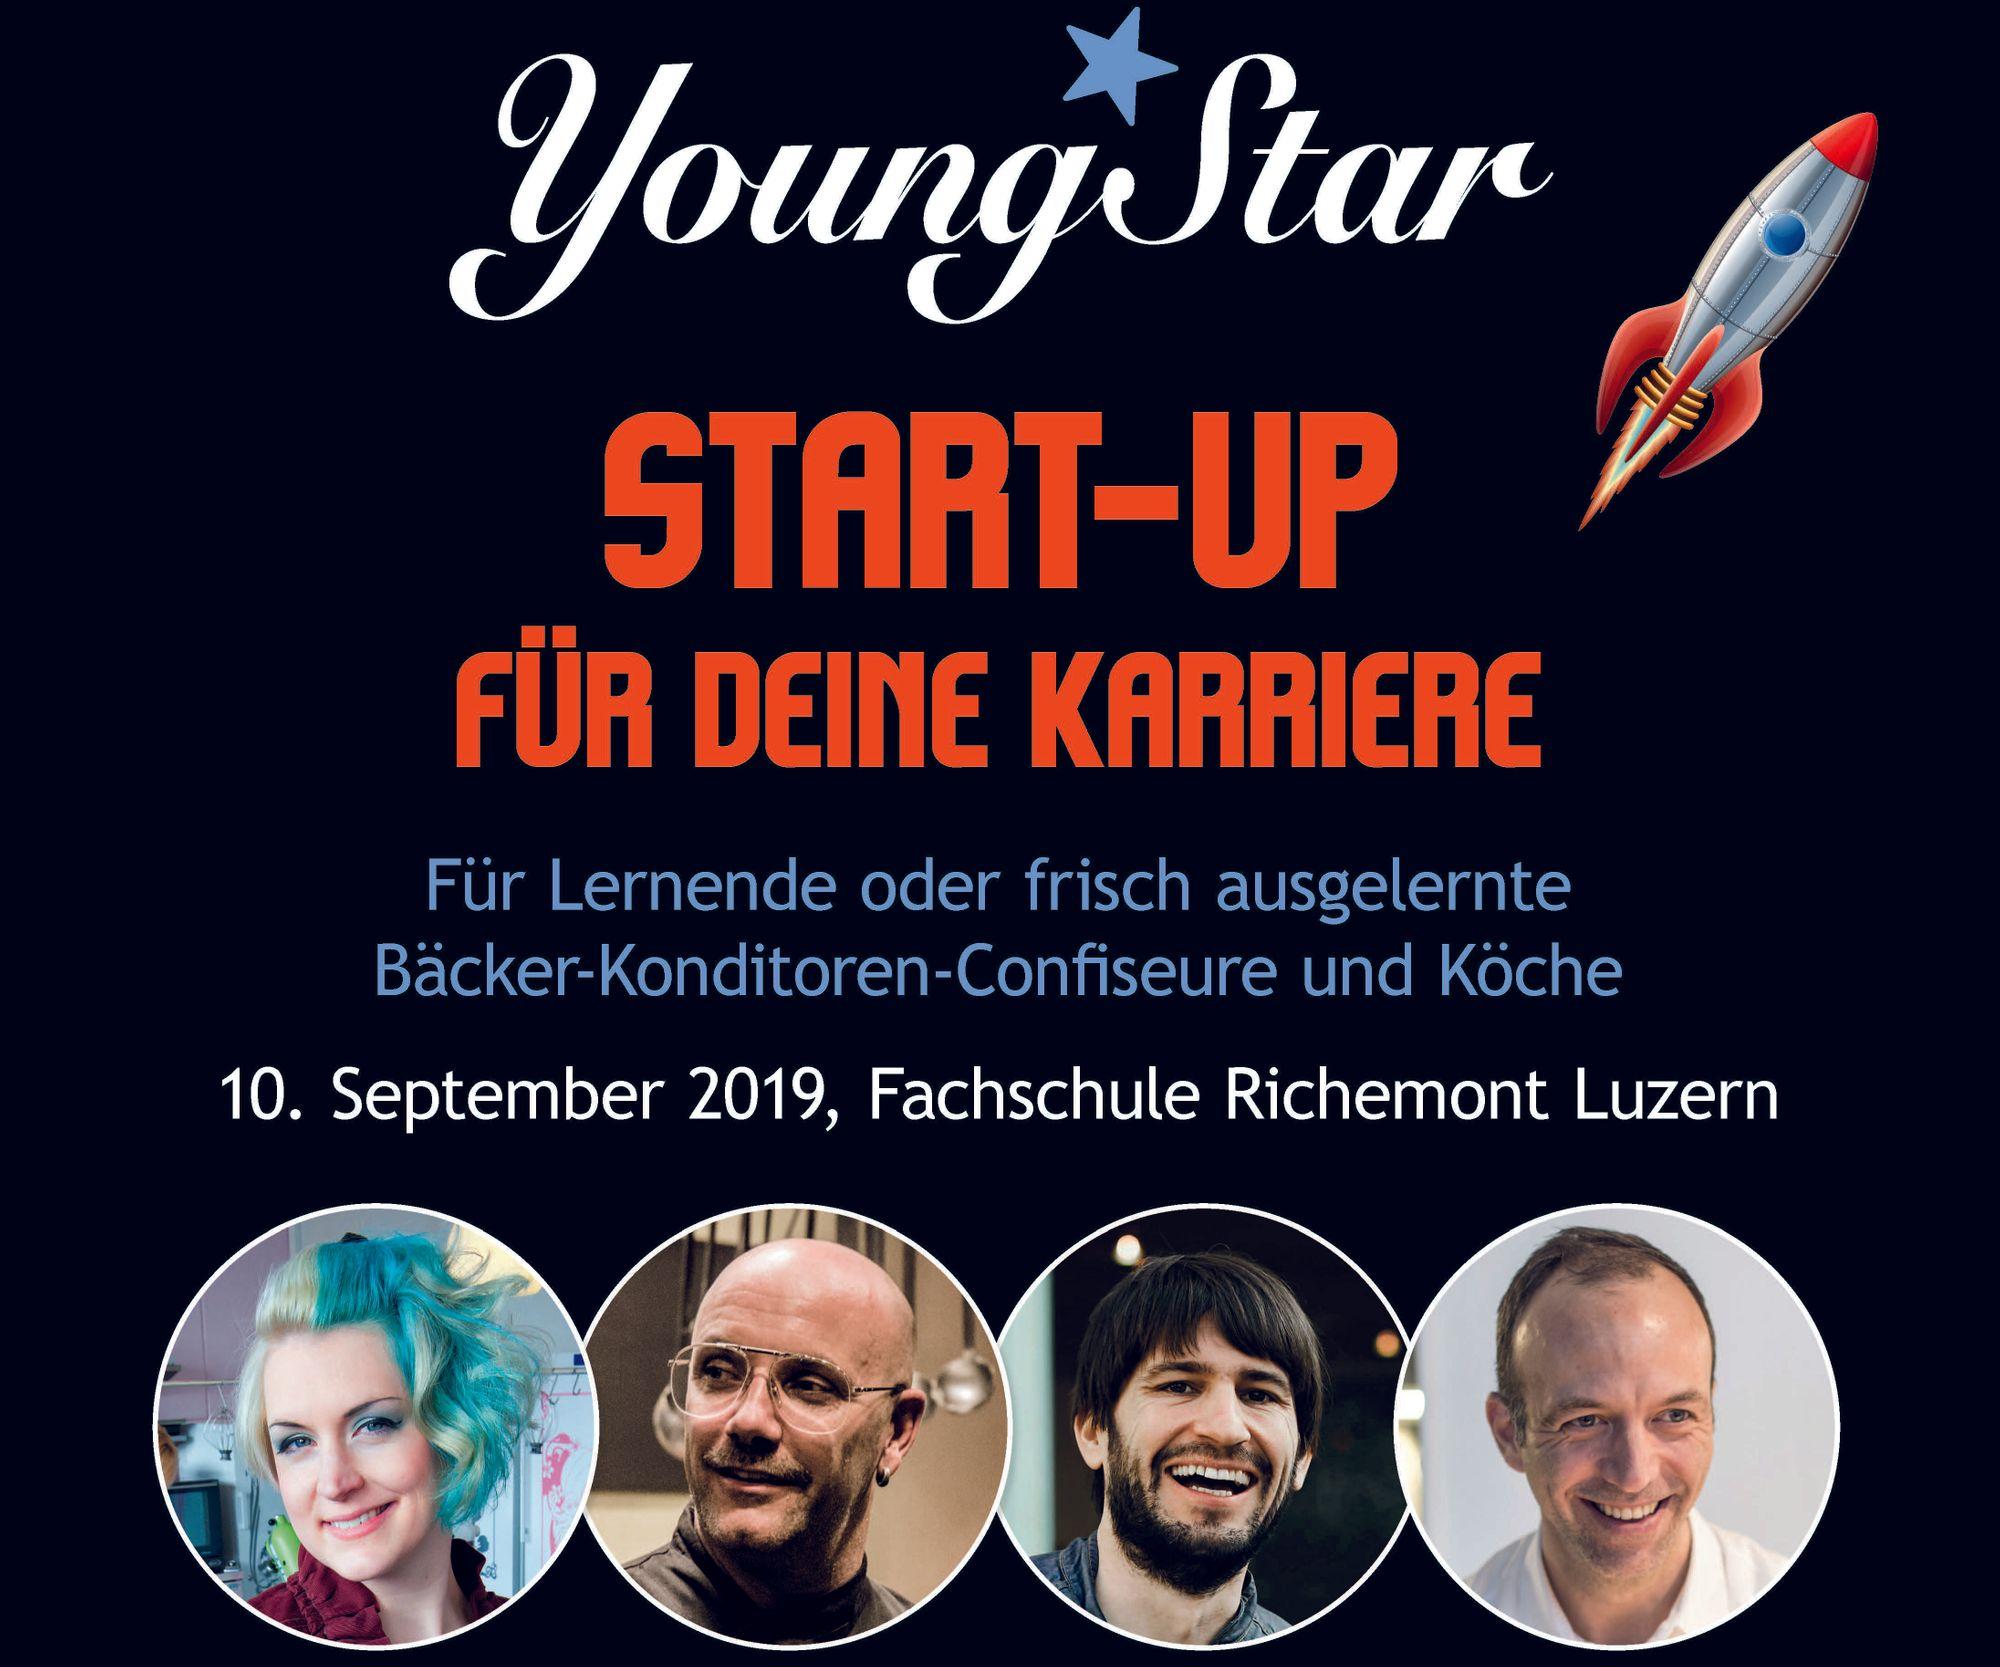 Young Star 2019 wieder mit hochkarätigen Experten